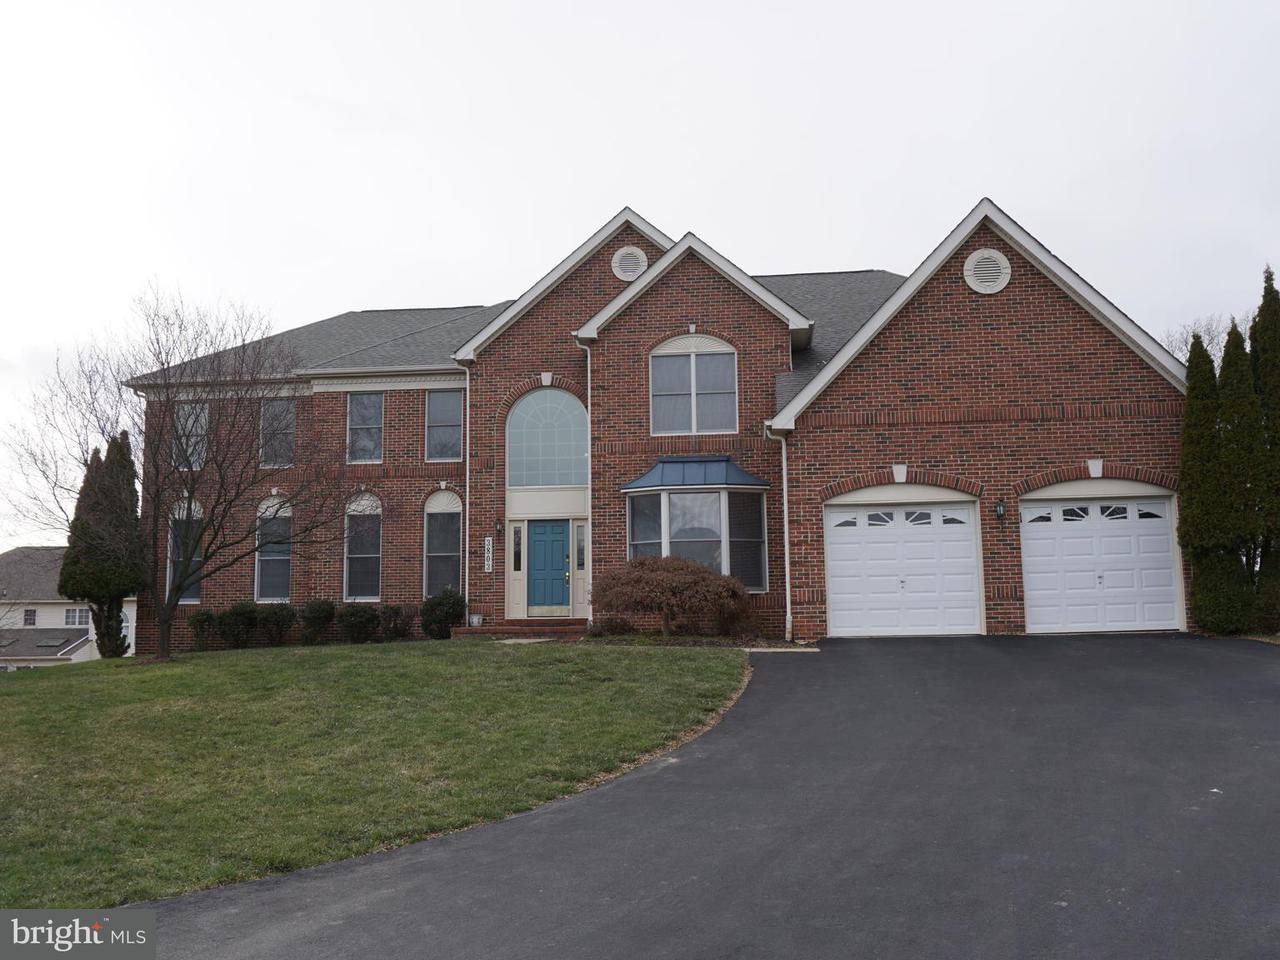 단독 가정 주택 용 매매 에 3803 Fox Valley Drive 3803 Fox Valley Drive Rockville, 메릴랜드 20853 미국